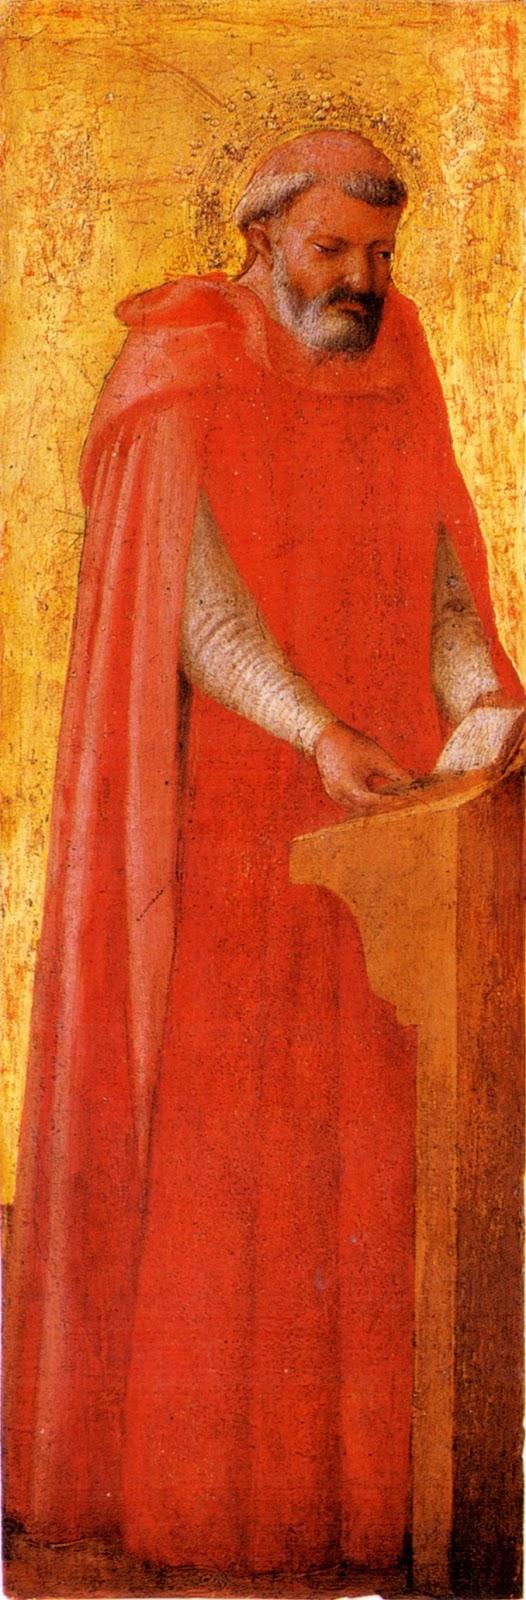 Lucca Madonna Jan Van Eyck